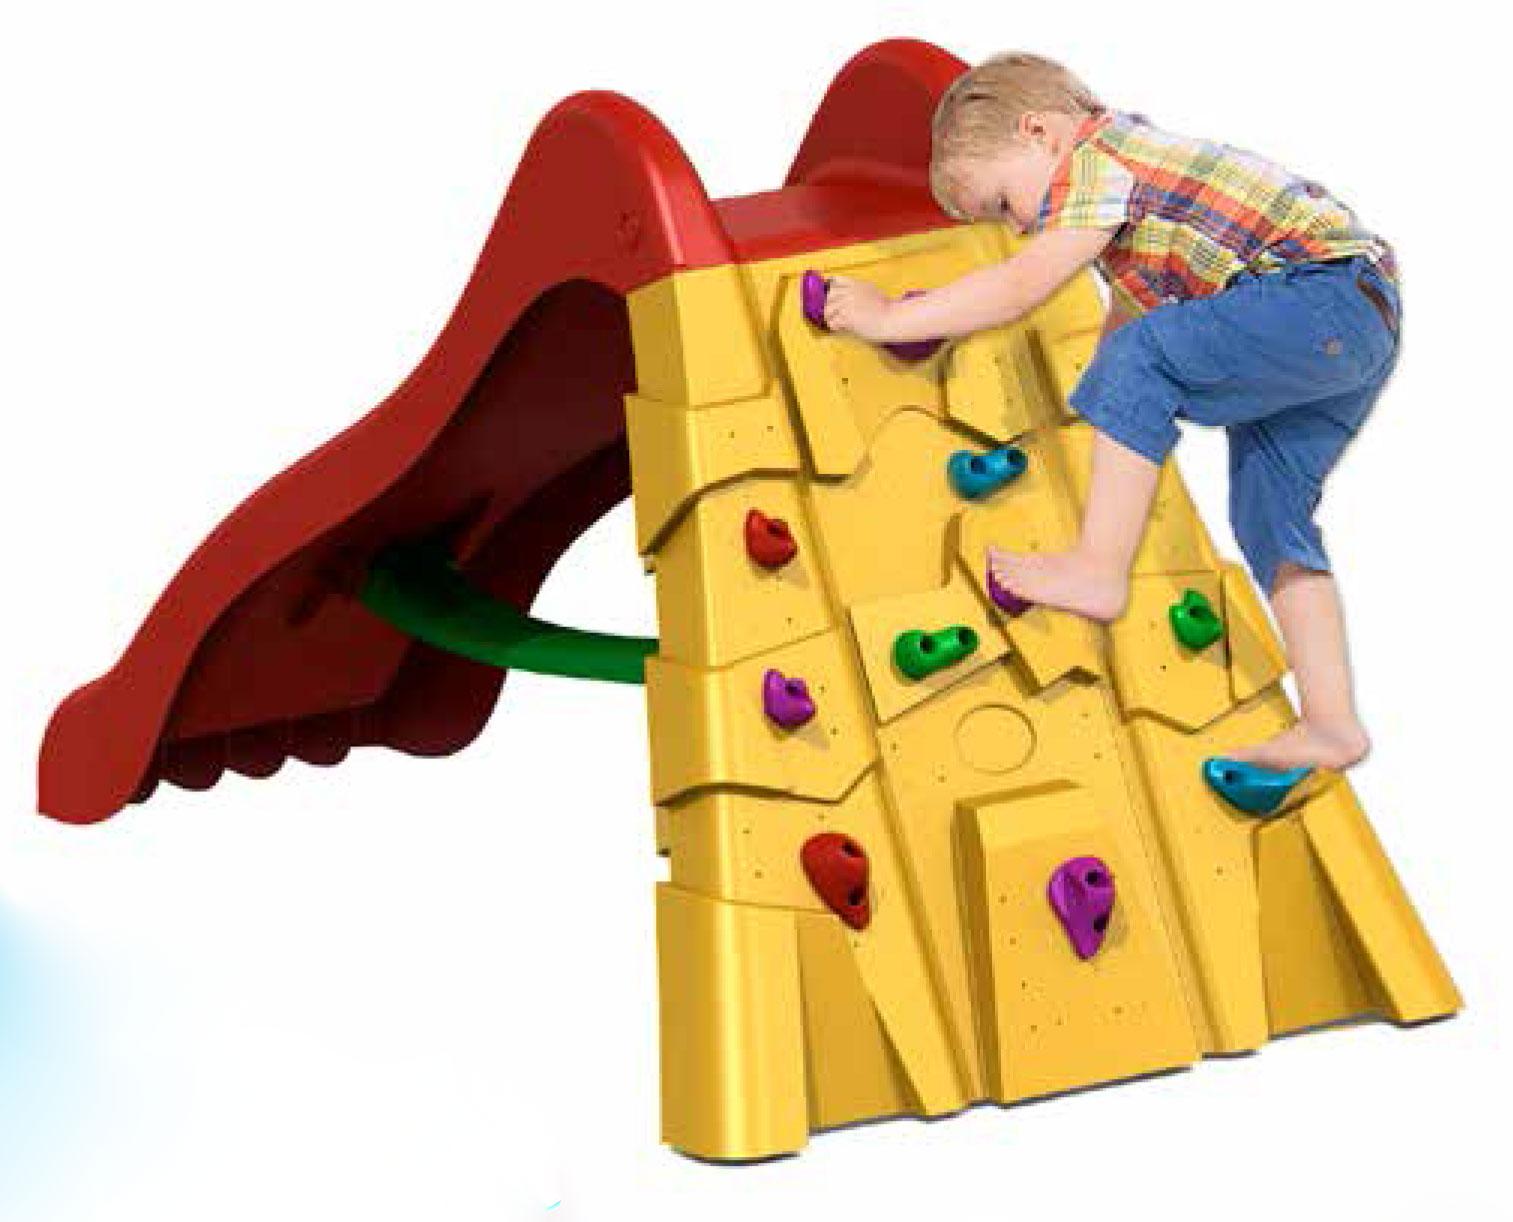 Scivolo in plastica rocks 200 cm con appoggi per scalata - Altalene bambini per esterno ...